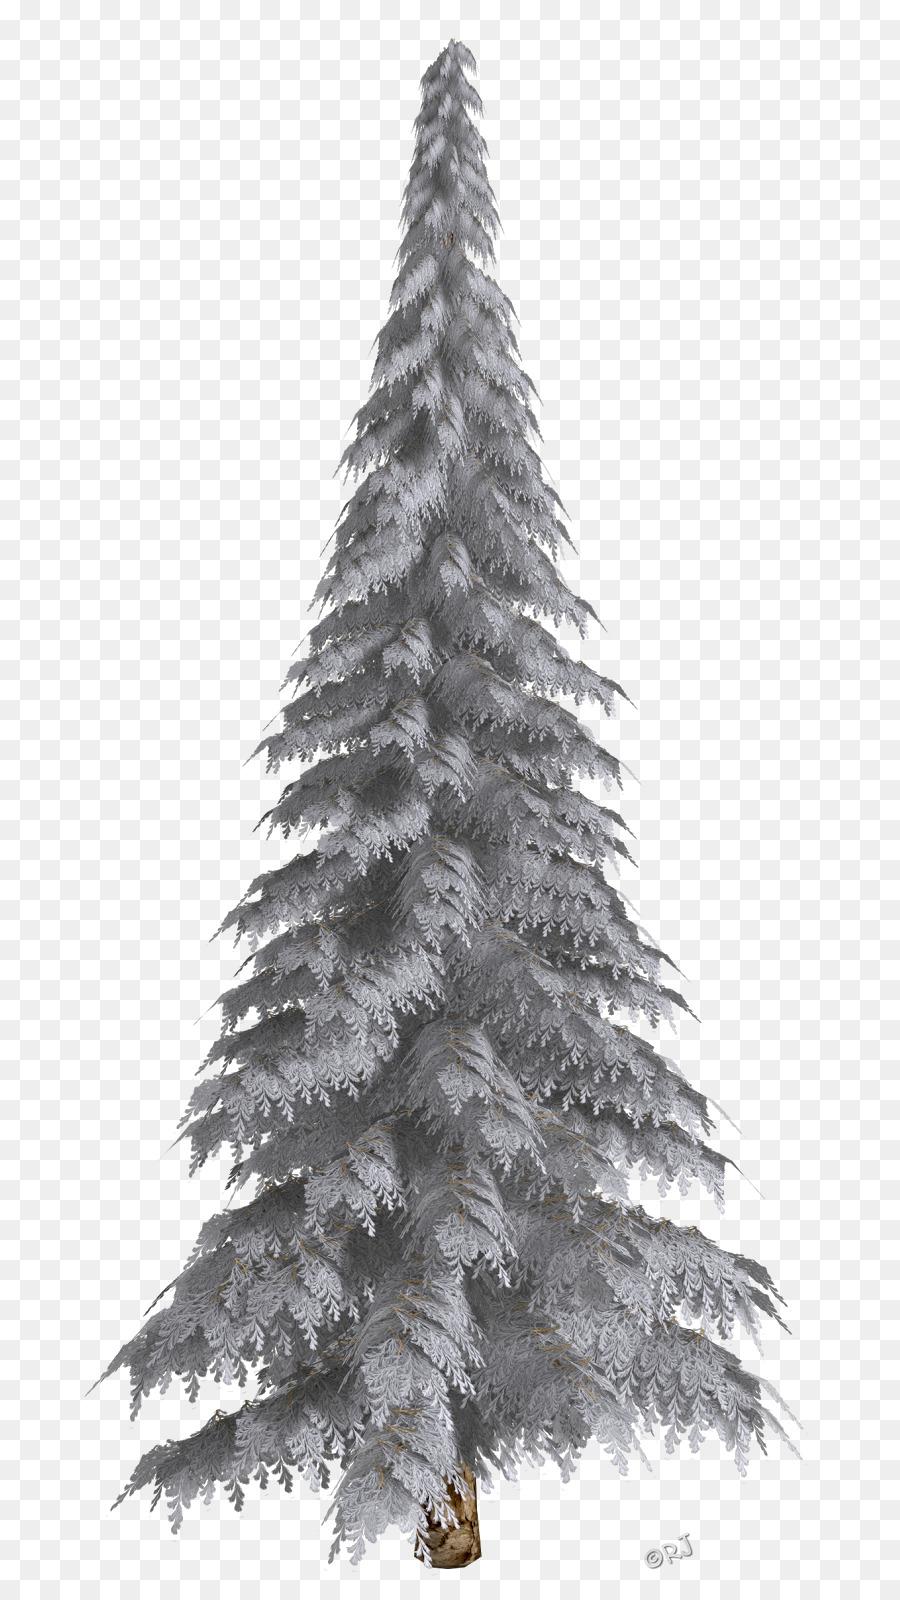 Descarga gratuita de árbol De Navidad, árbol, Fir Imágen de Png